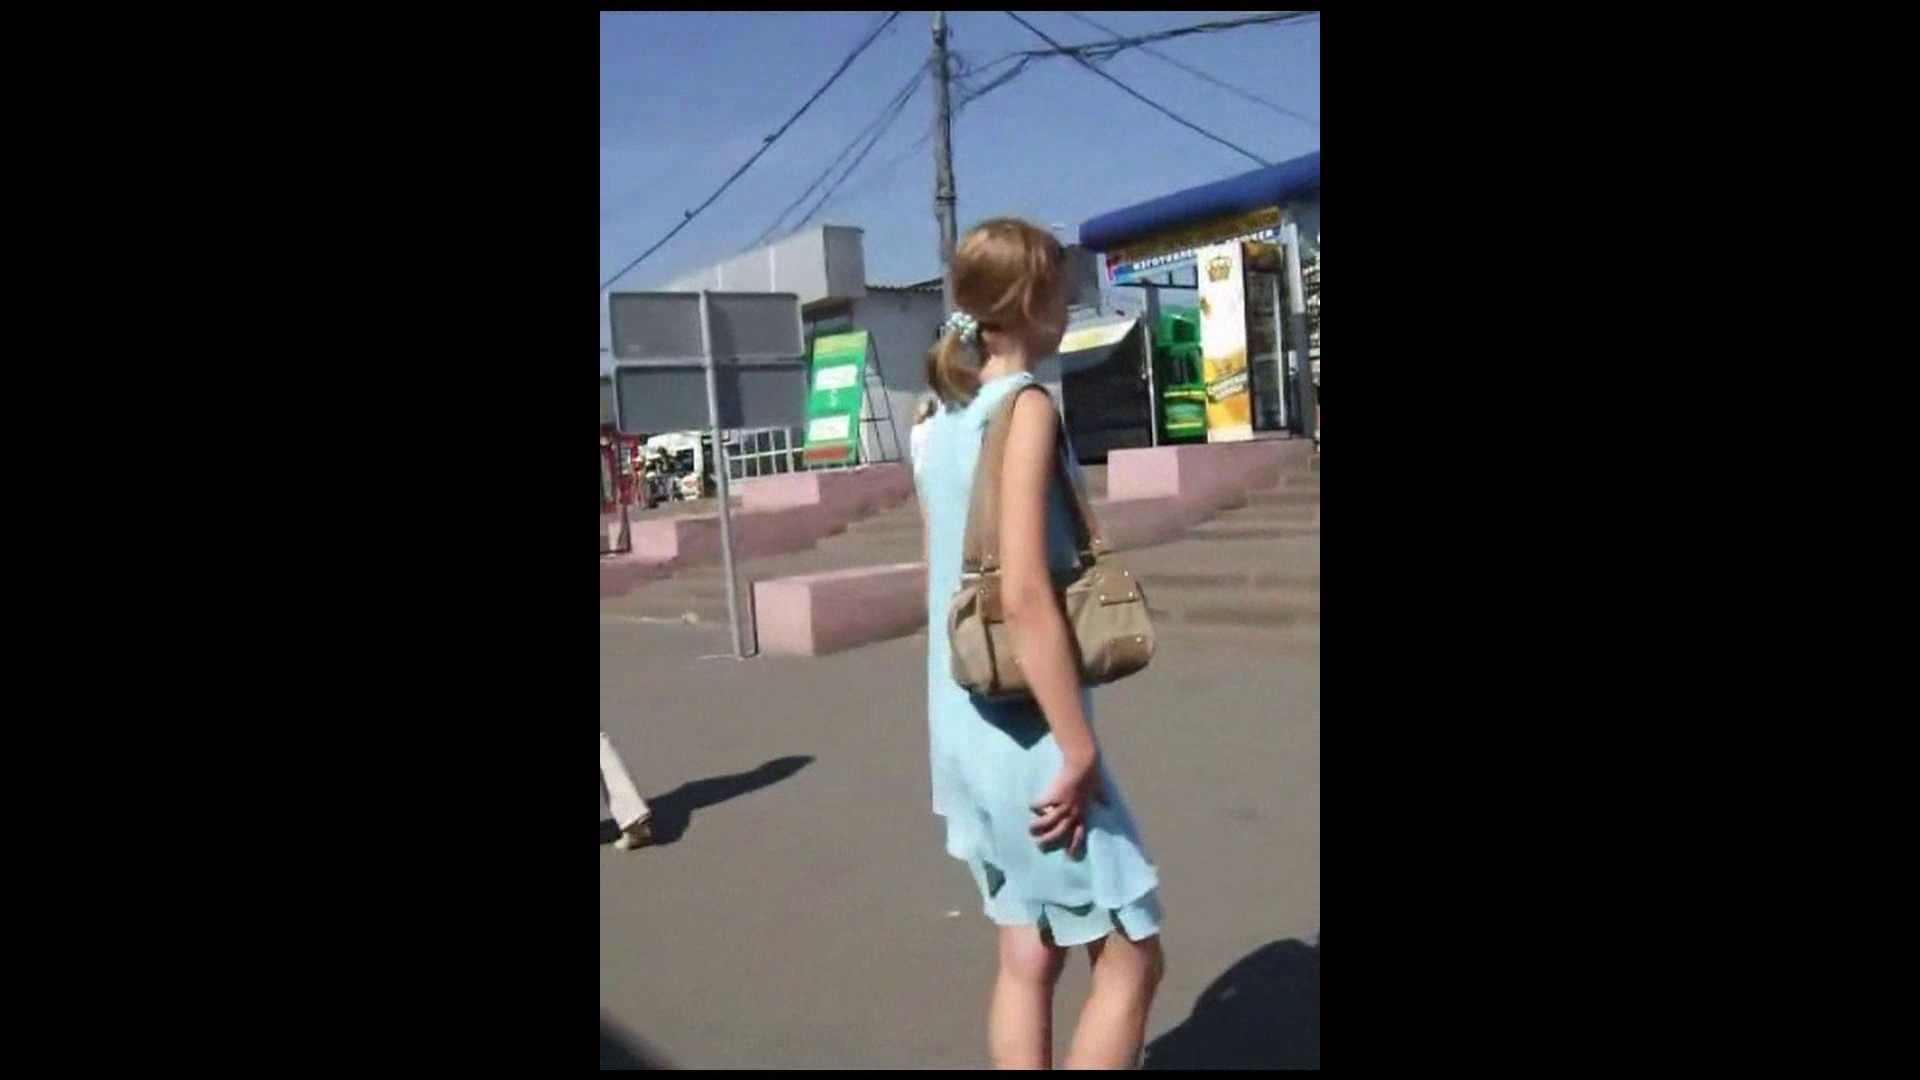 綺麗なモデルさんのスカート捲っちゃおう‼vol03 Hなお姉さん   HなOL  87pic 40